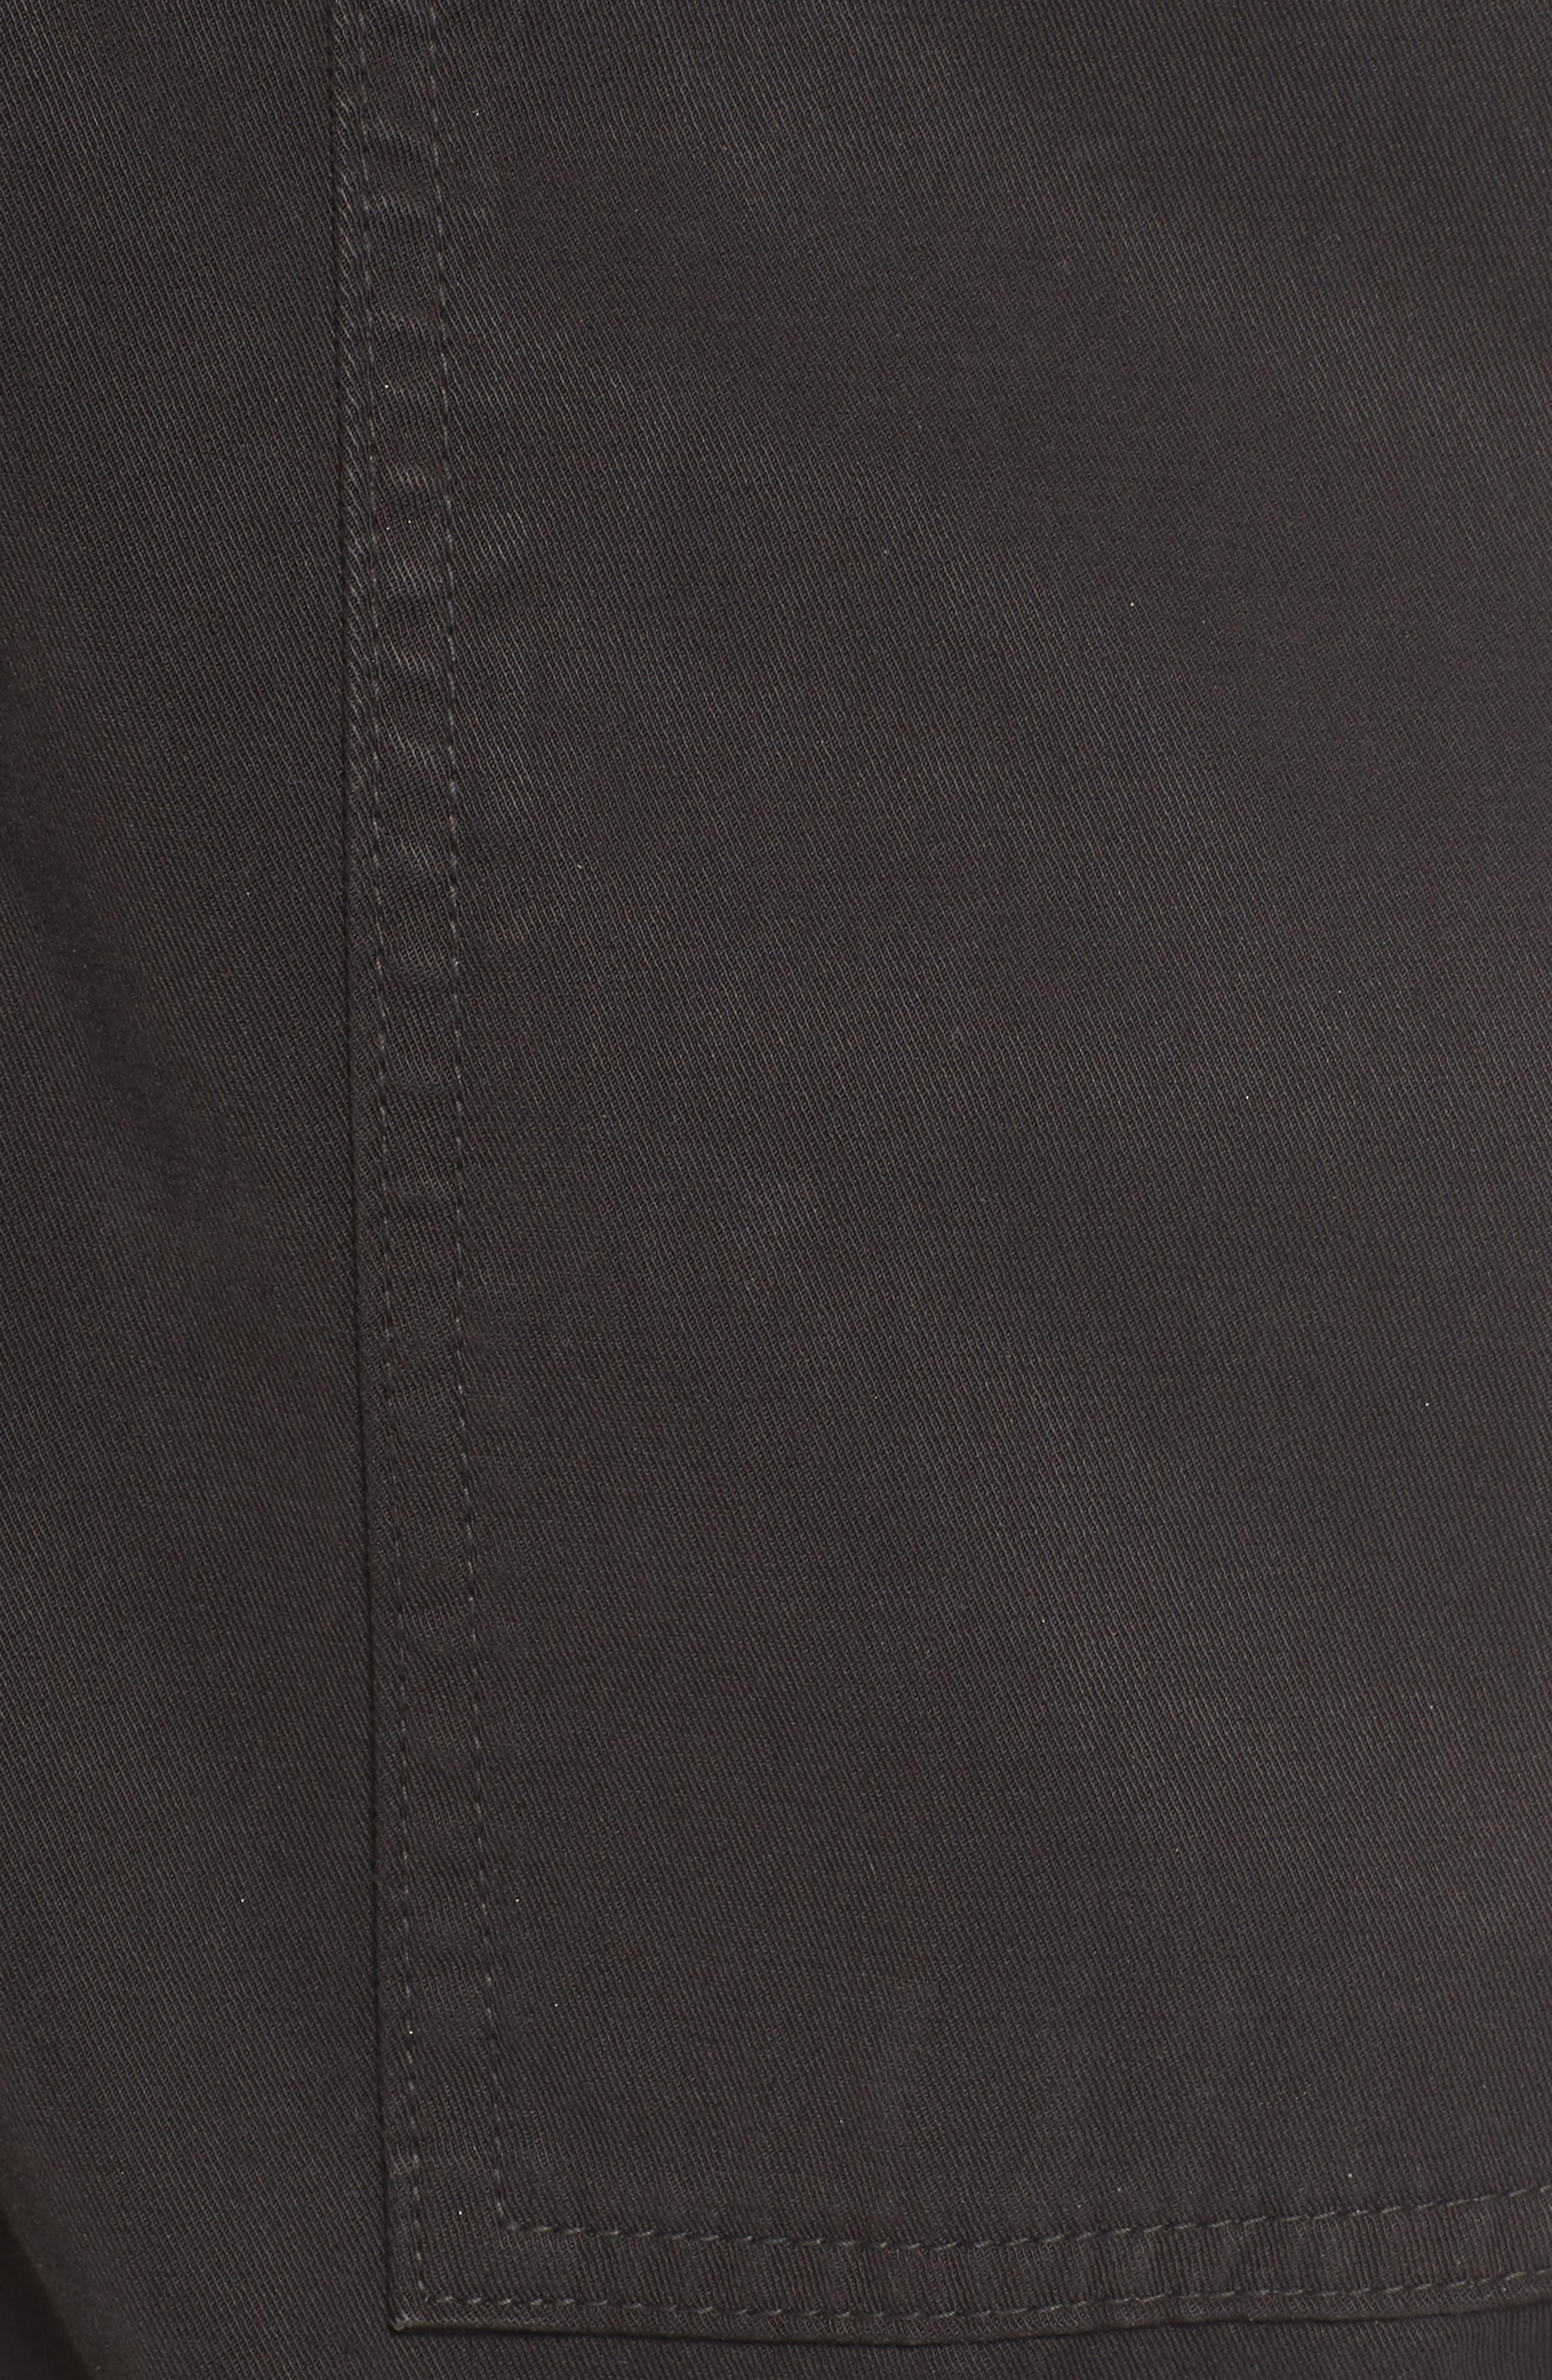 Jogger Pants,                             Alternate thumbnail 6, color,                             Carbon